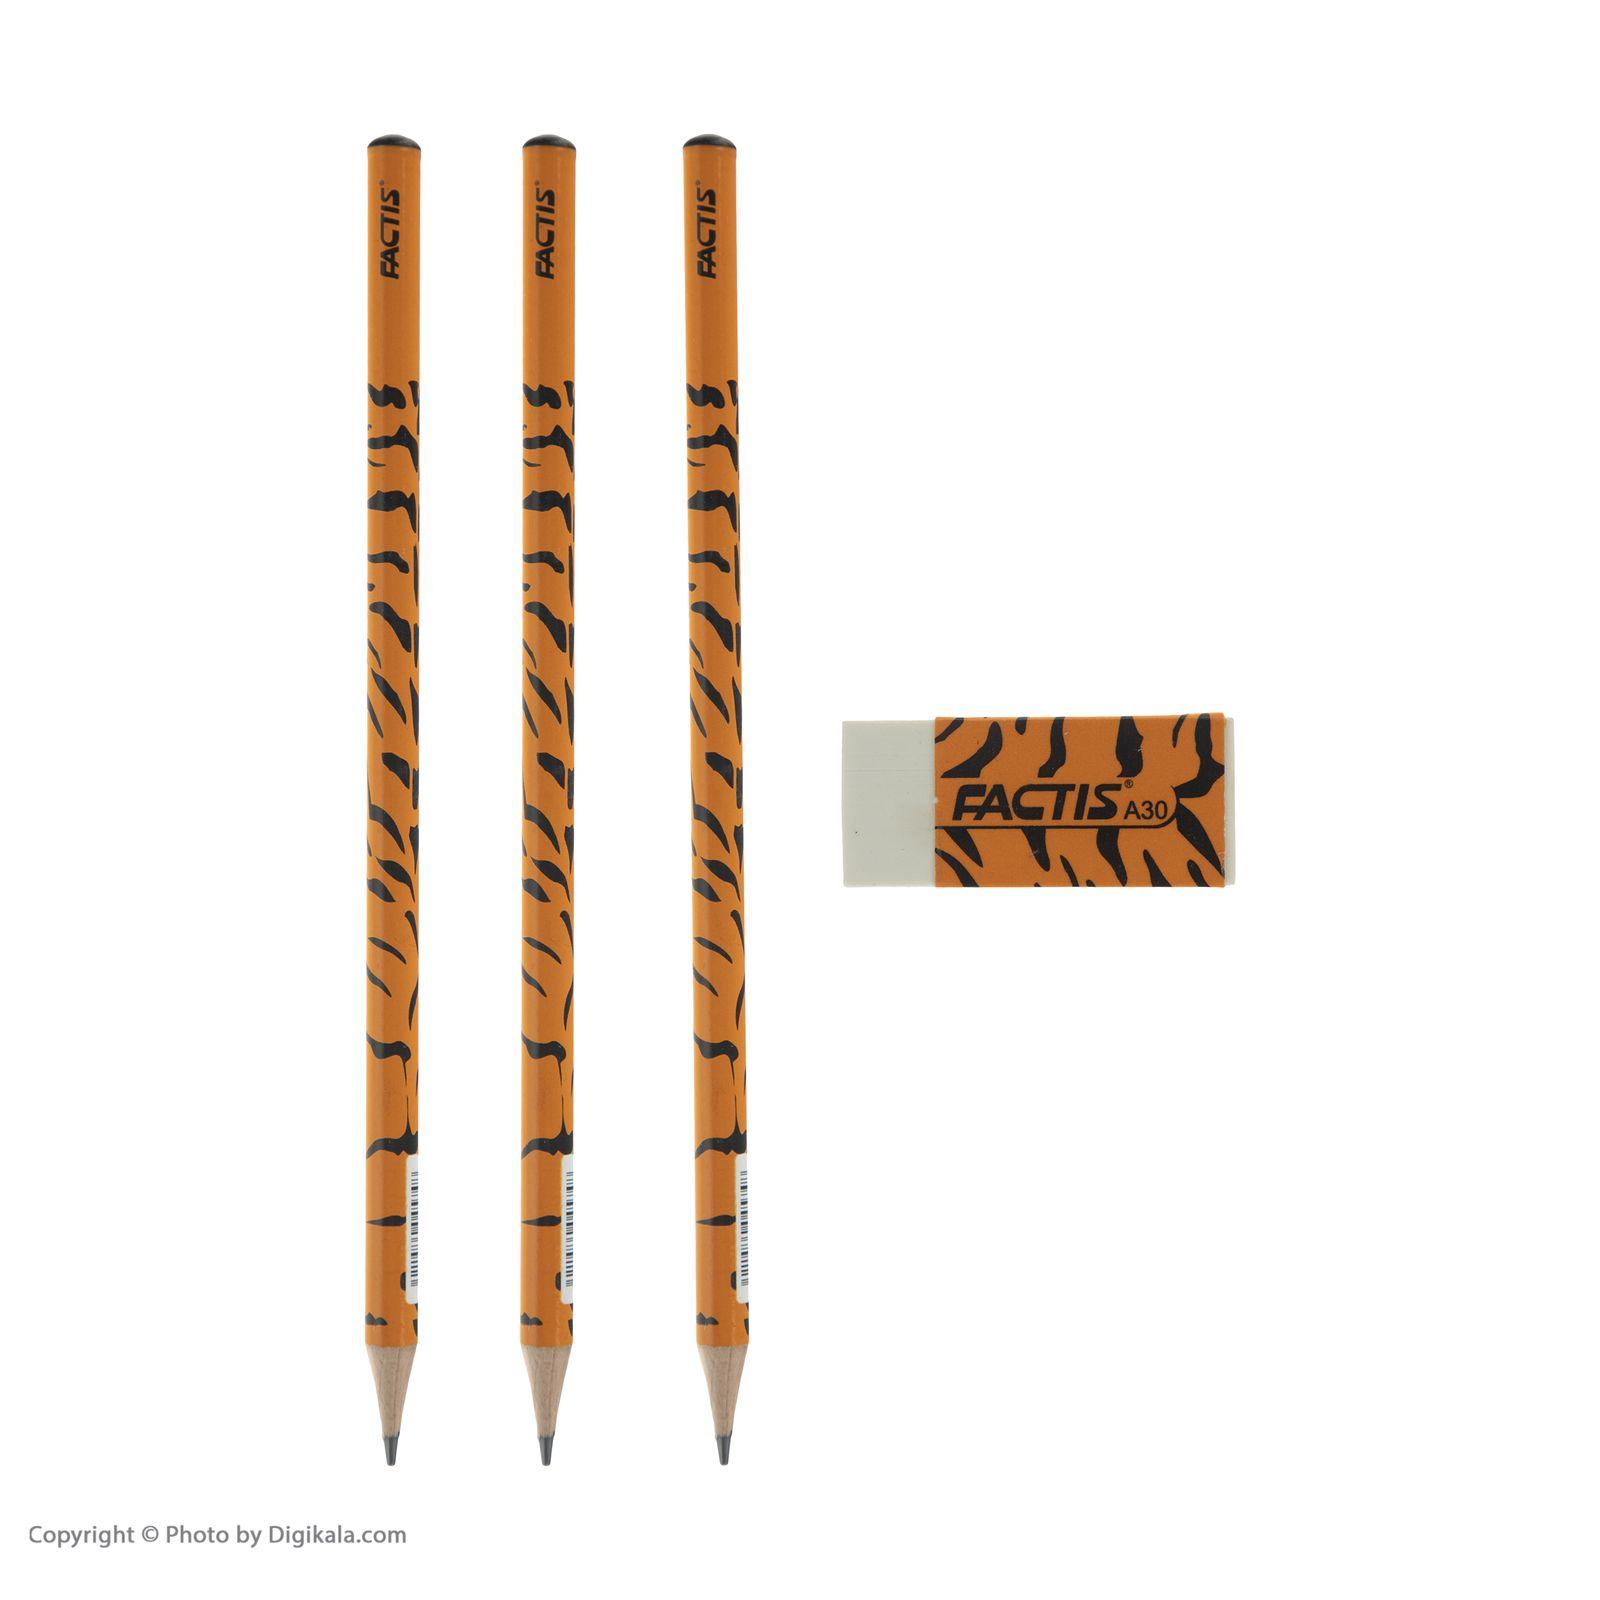 ست مداد مشکی و پاک کن فکتیس طرح ببر بسته 3 عددی main 1 1